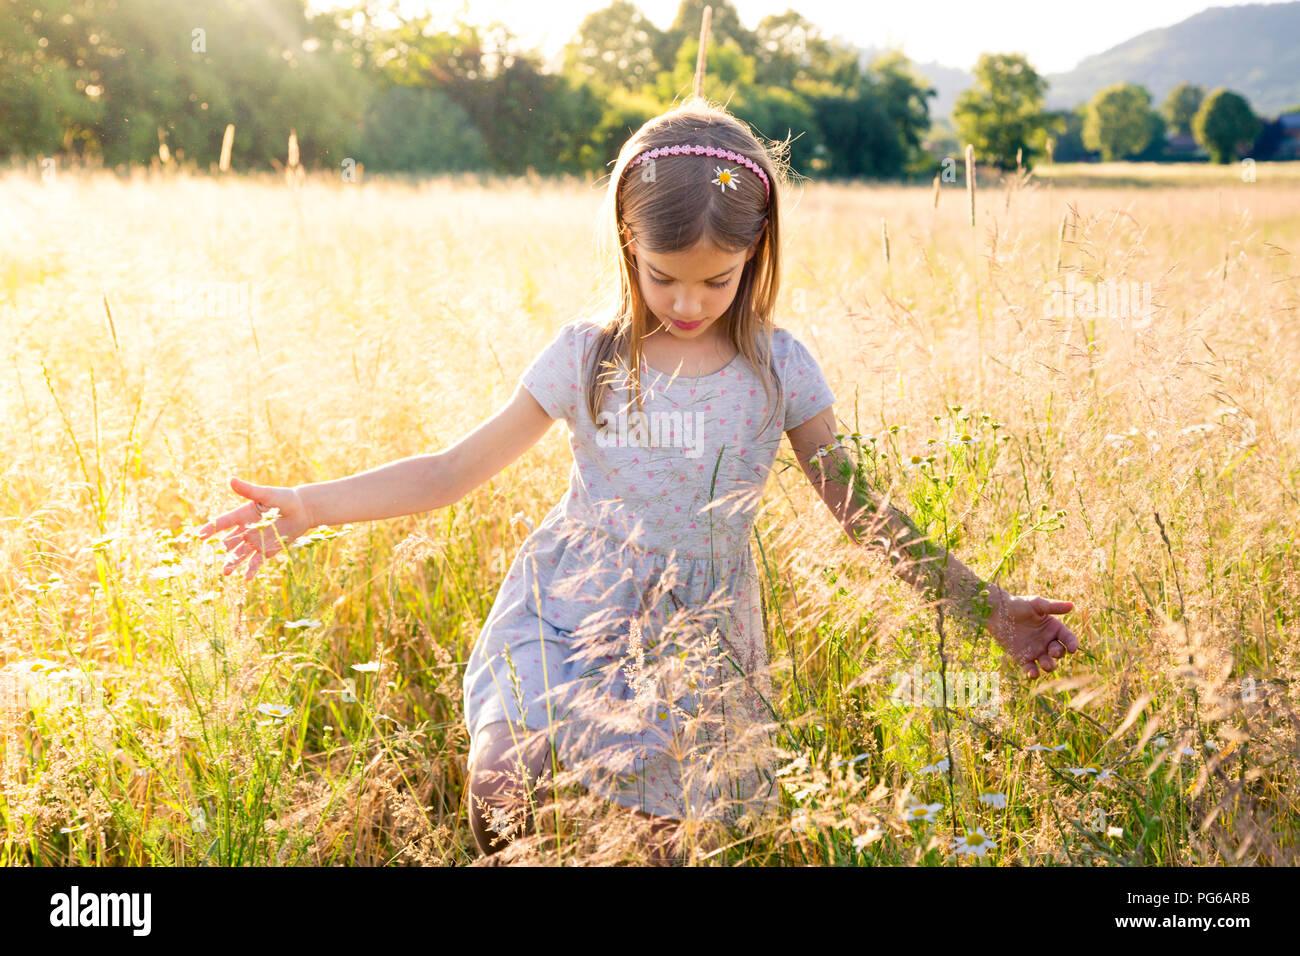 Junge Mädchen zu Fuß durch das Feld im Sommer Abend Stockbild